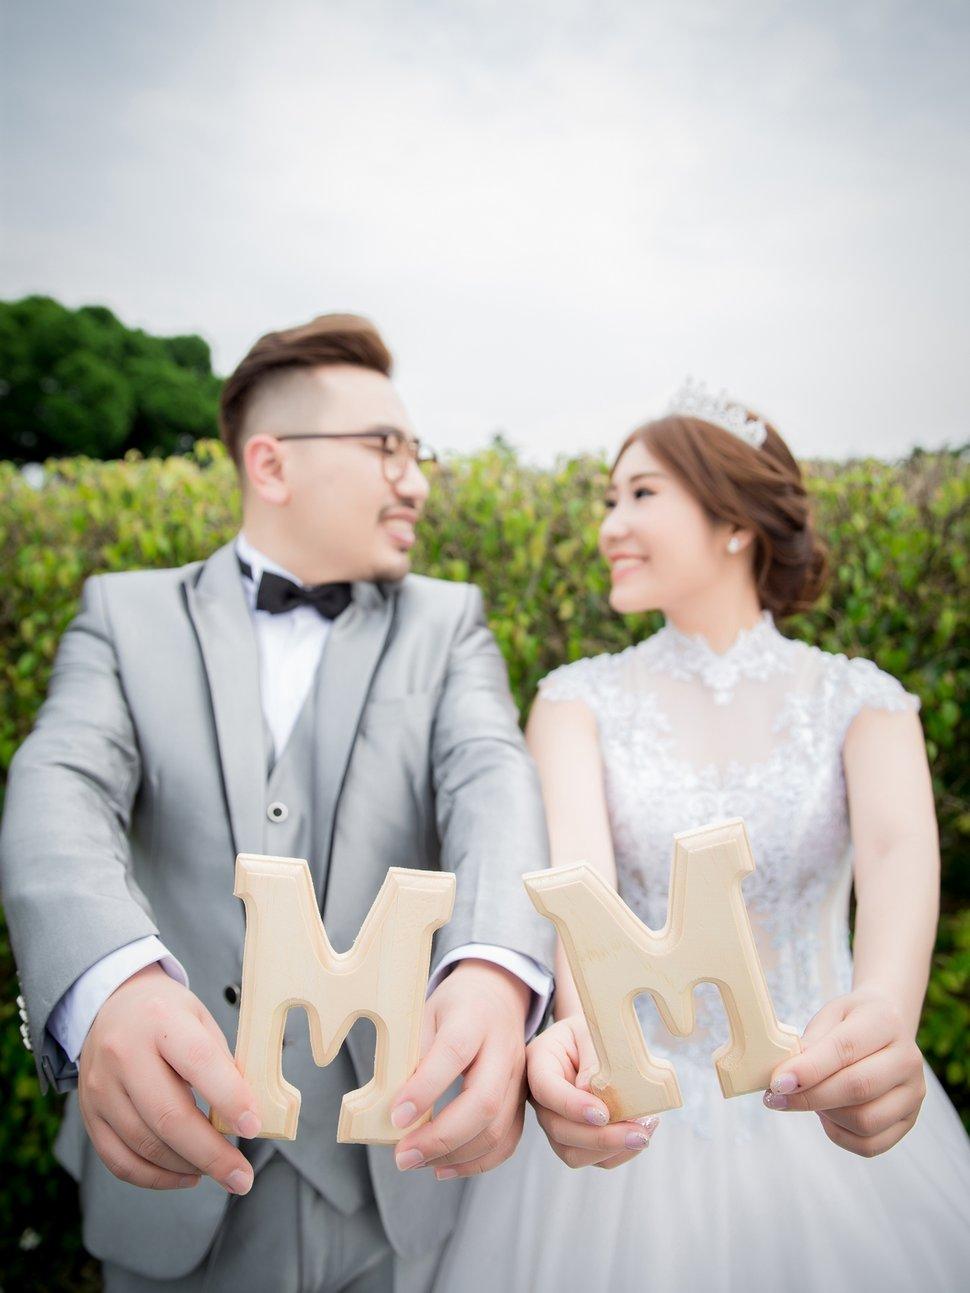 1+1手工婚紗 (6) - 1+1手工婚紗攝影工作室《結婚吧》